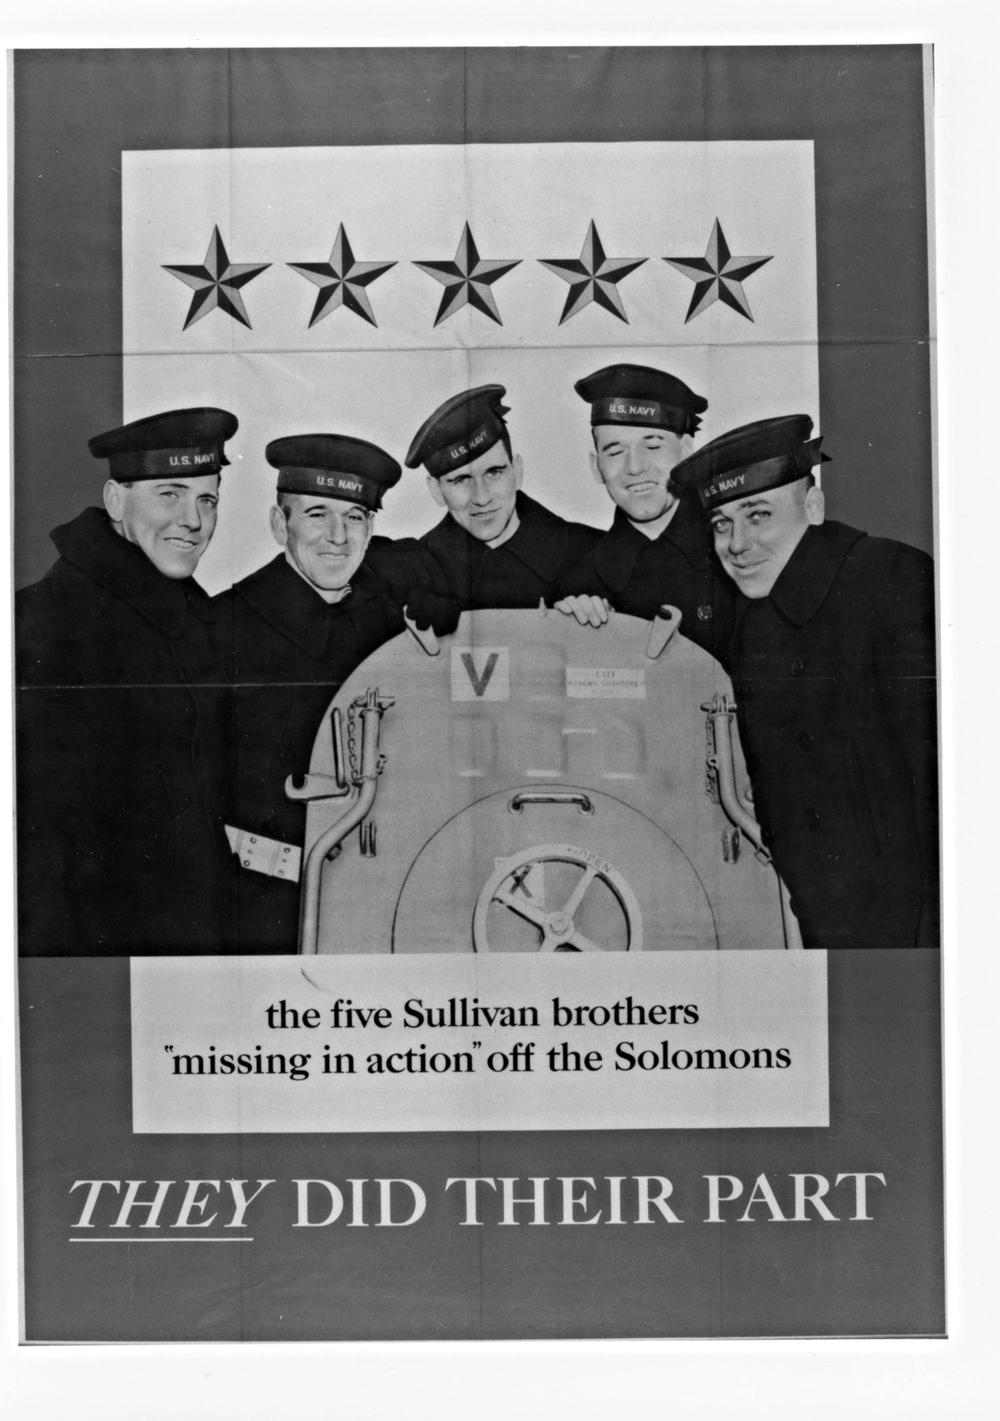 648KB_Sullivan_brothers-1.jpg